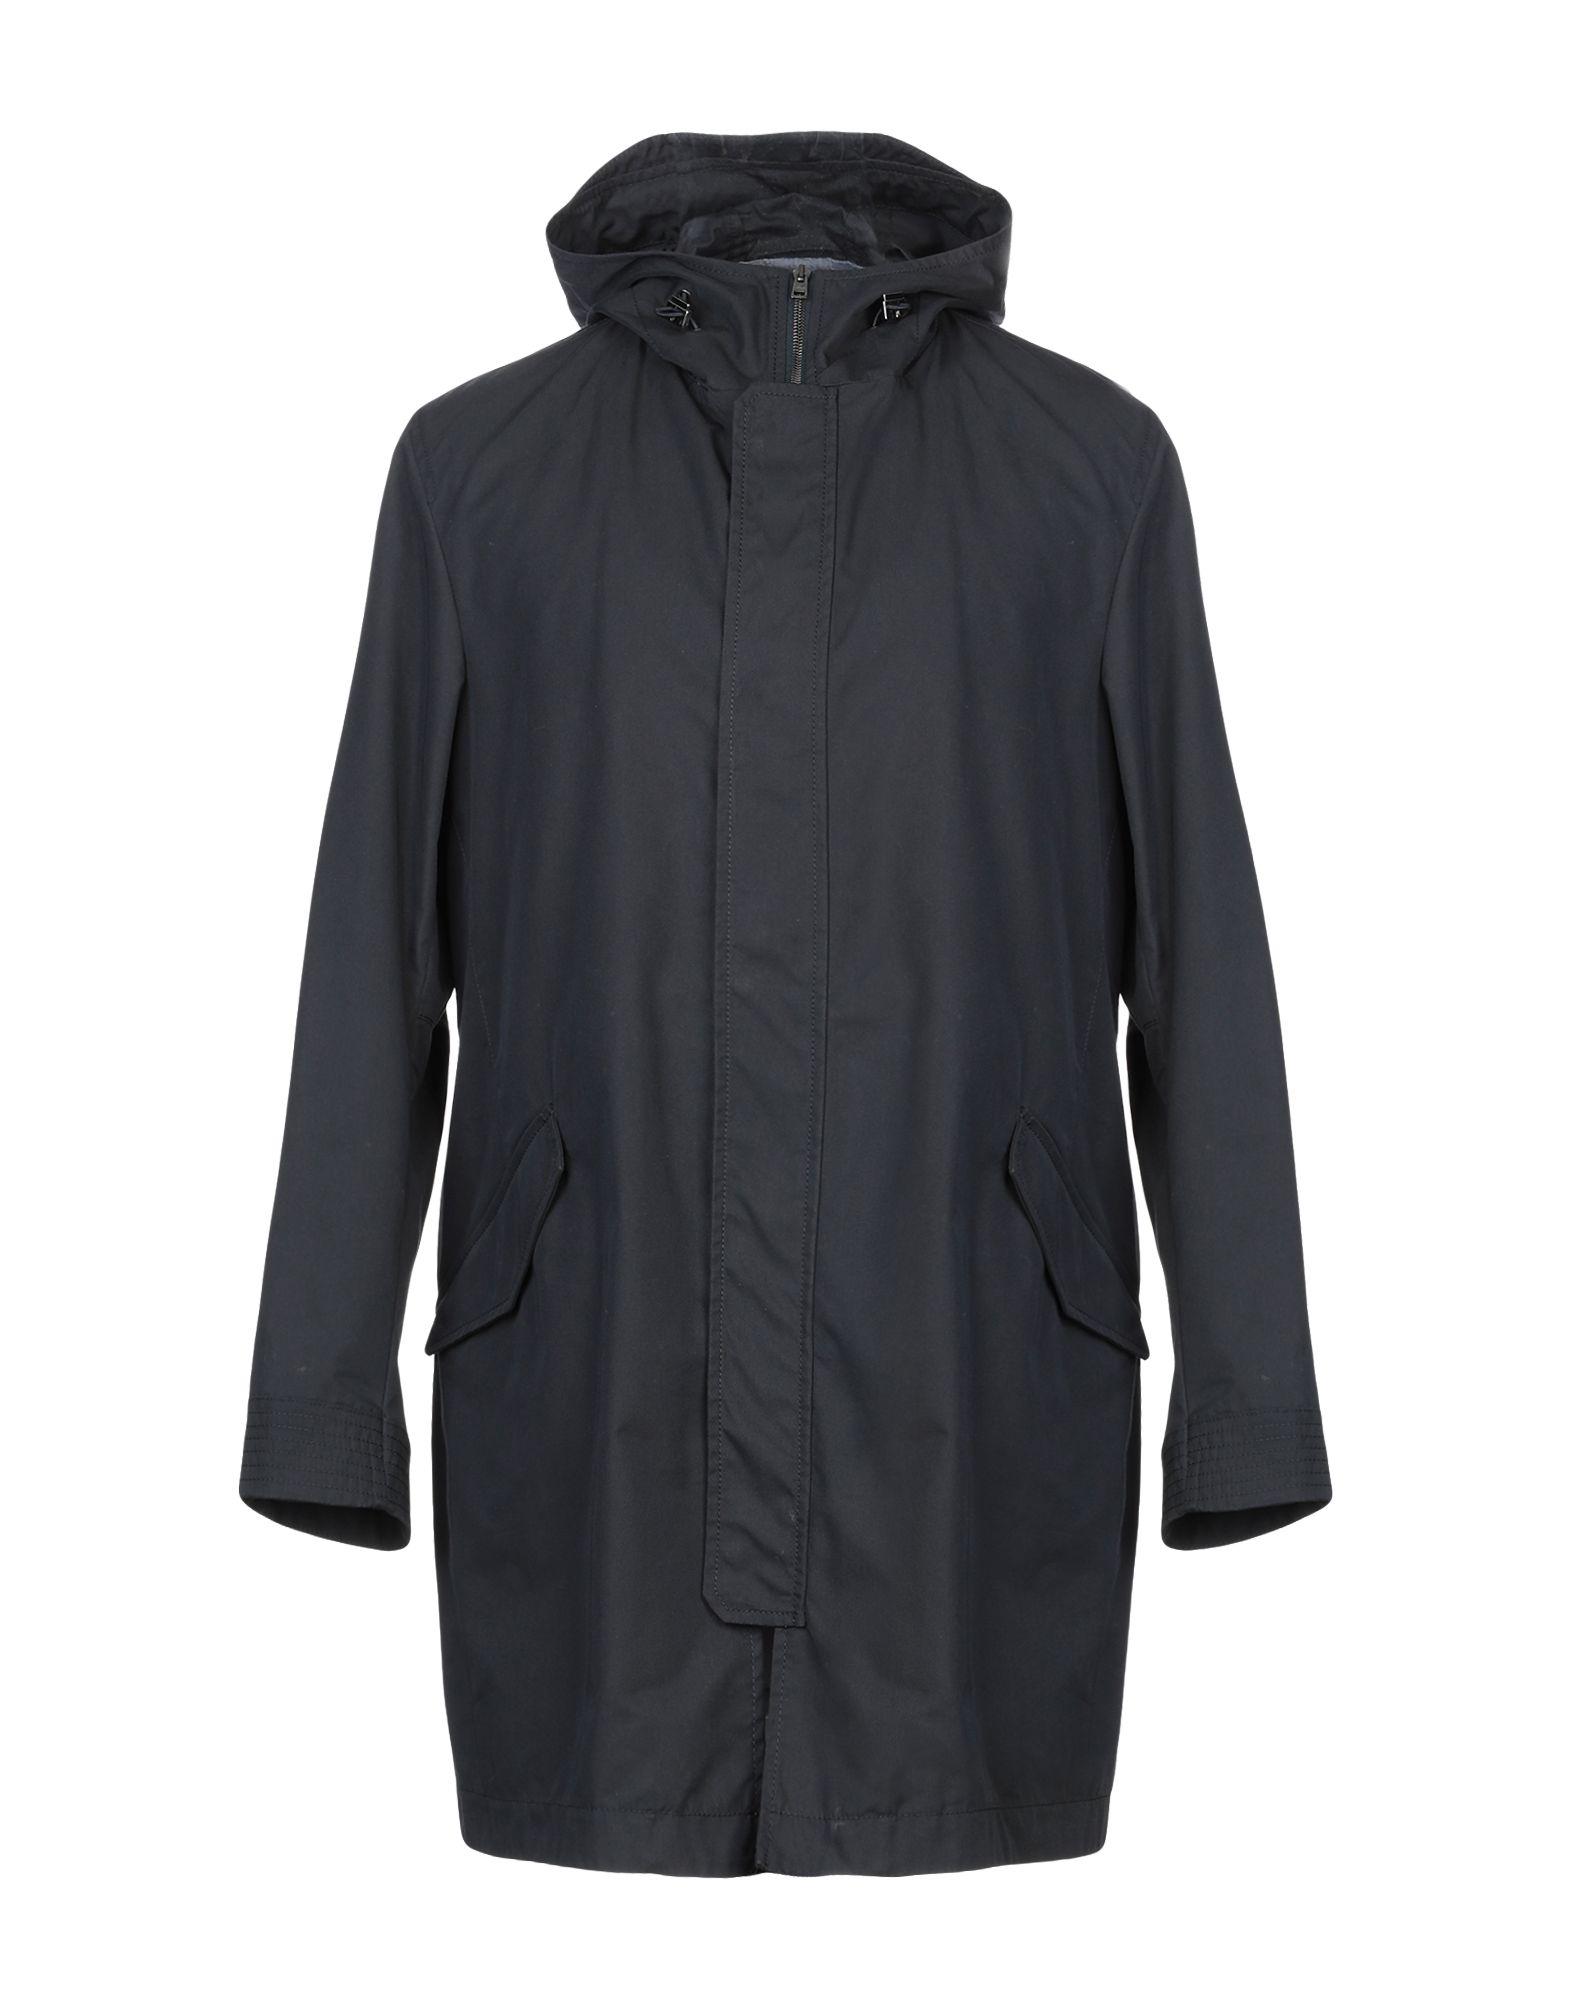 Фото - HERNO Легкое пальто neil barrett for herno легкое пальто